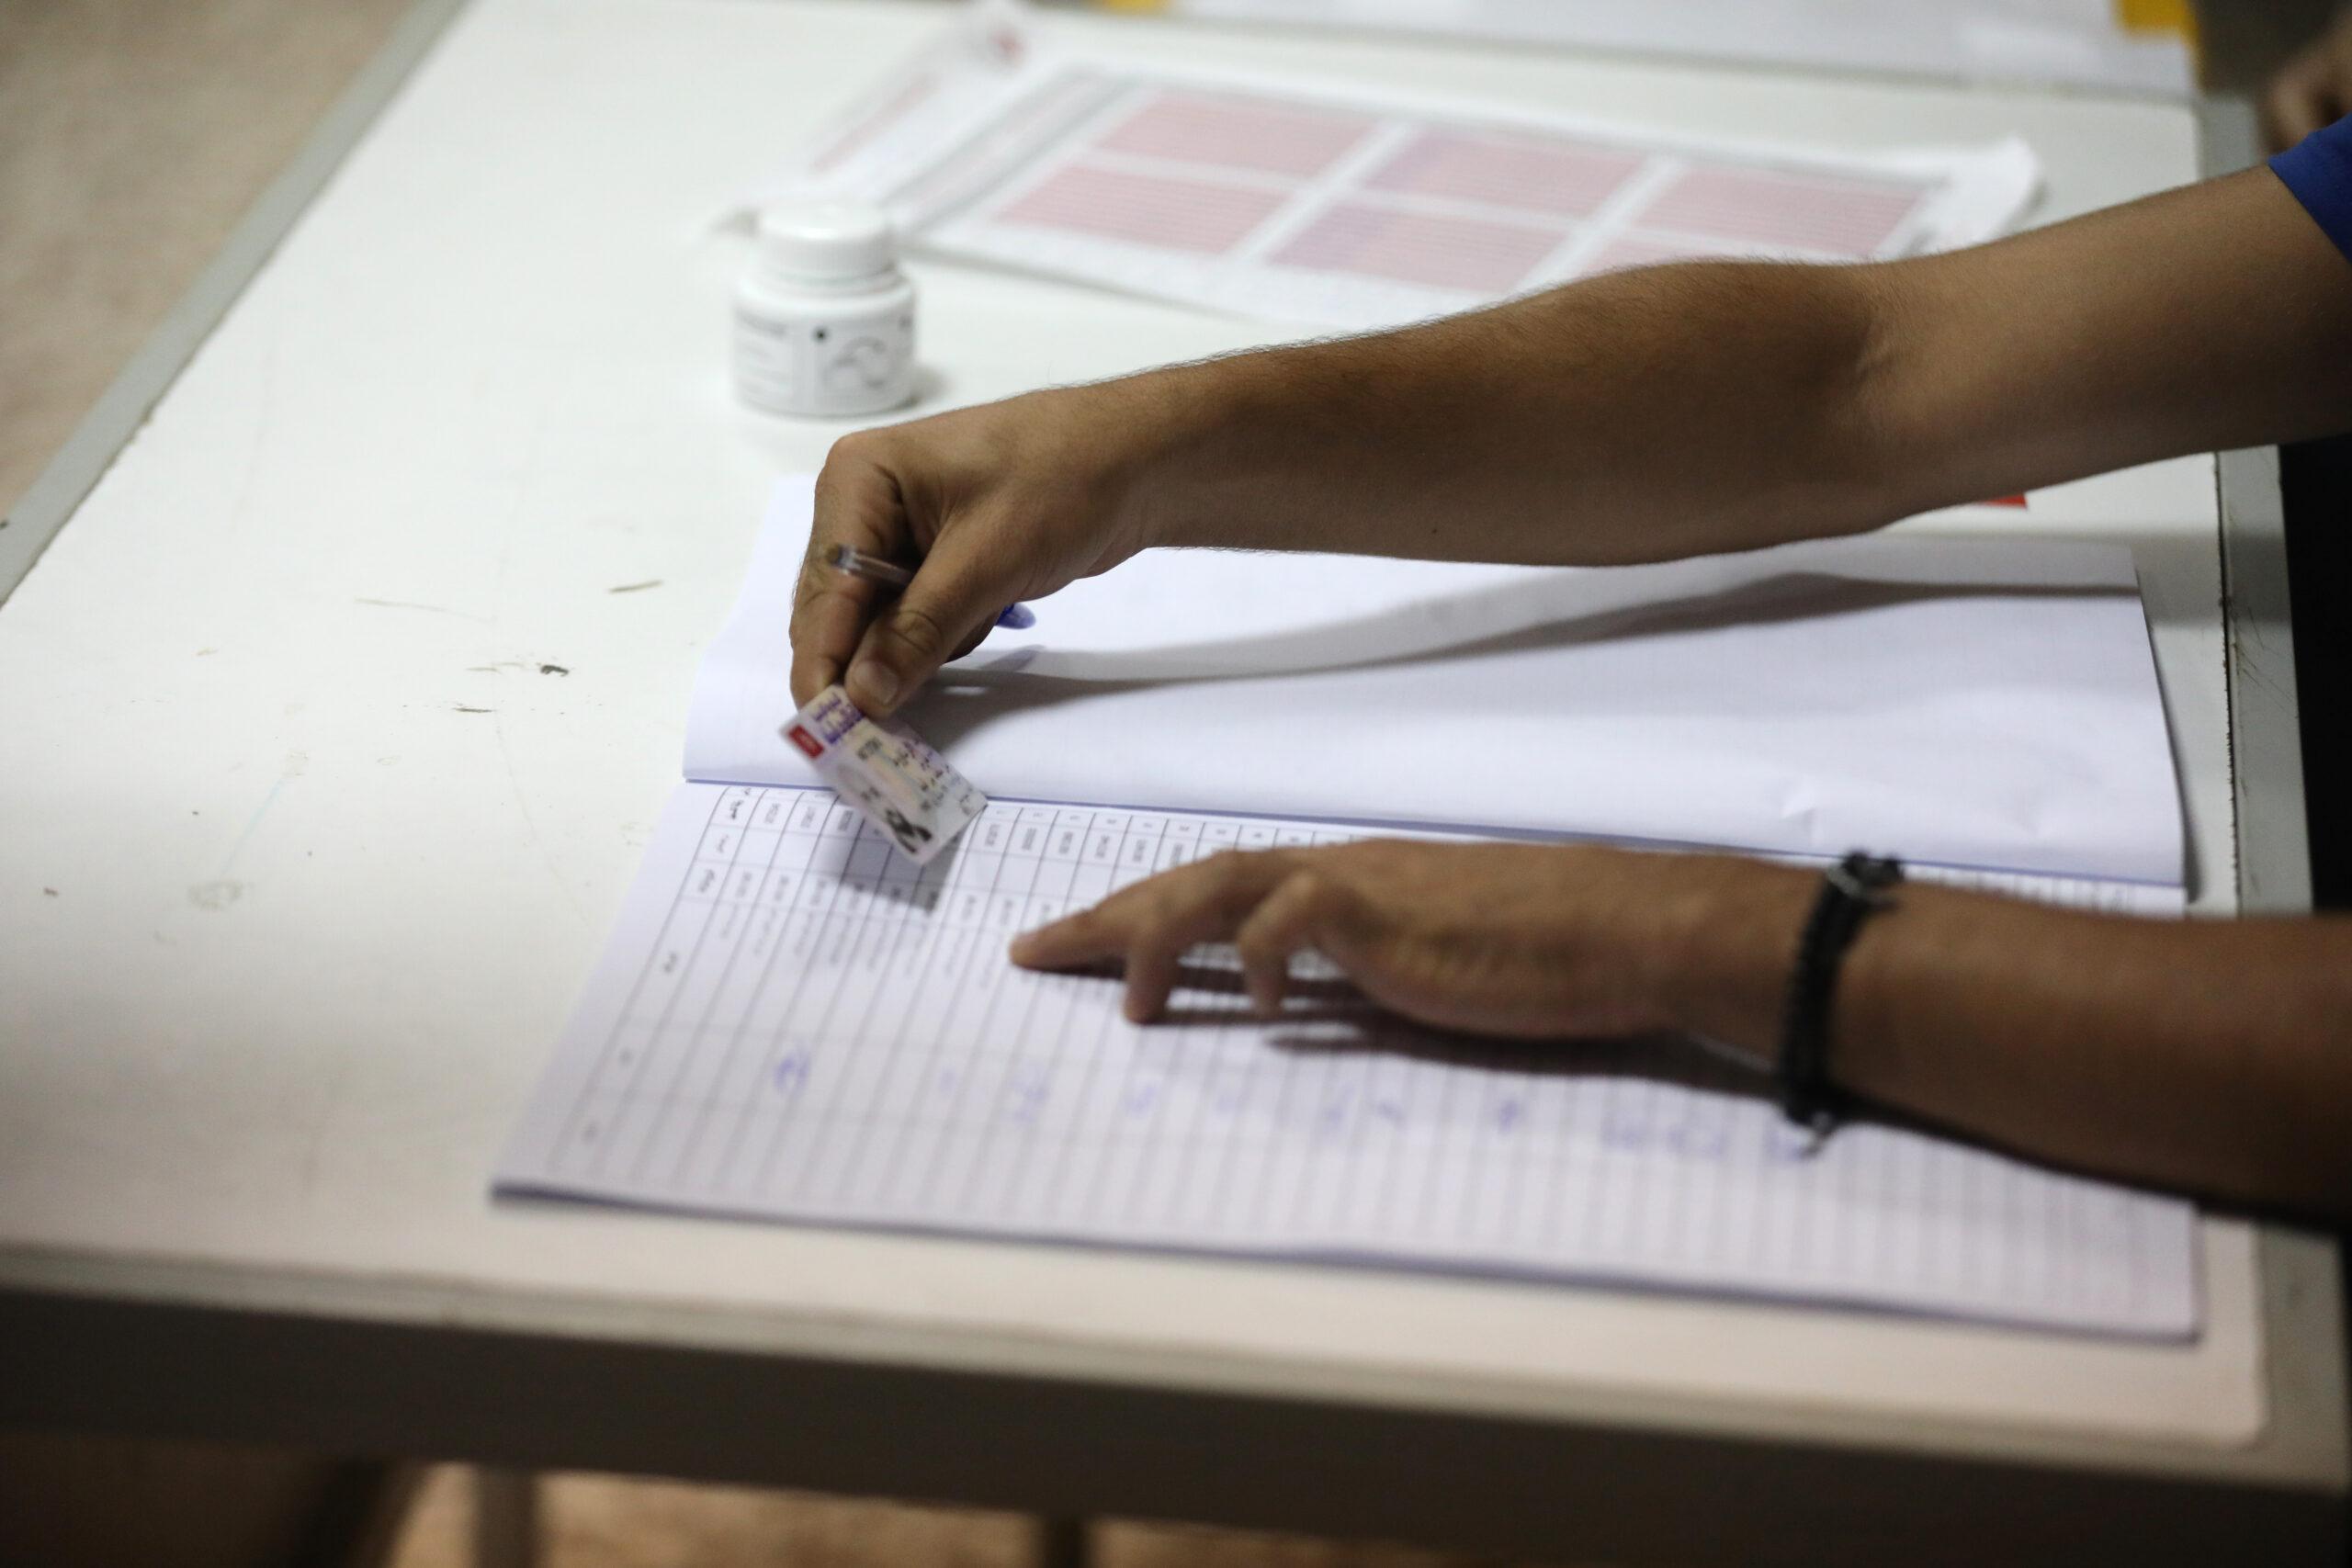 نتائج الإنتخابات التشريعية 2019 في تونس: مجلس نواب الشعب مفتّت ونسبة اقتراع الشباب بلغت 5% فقط